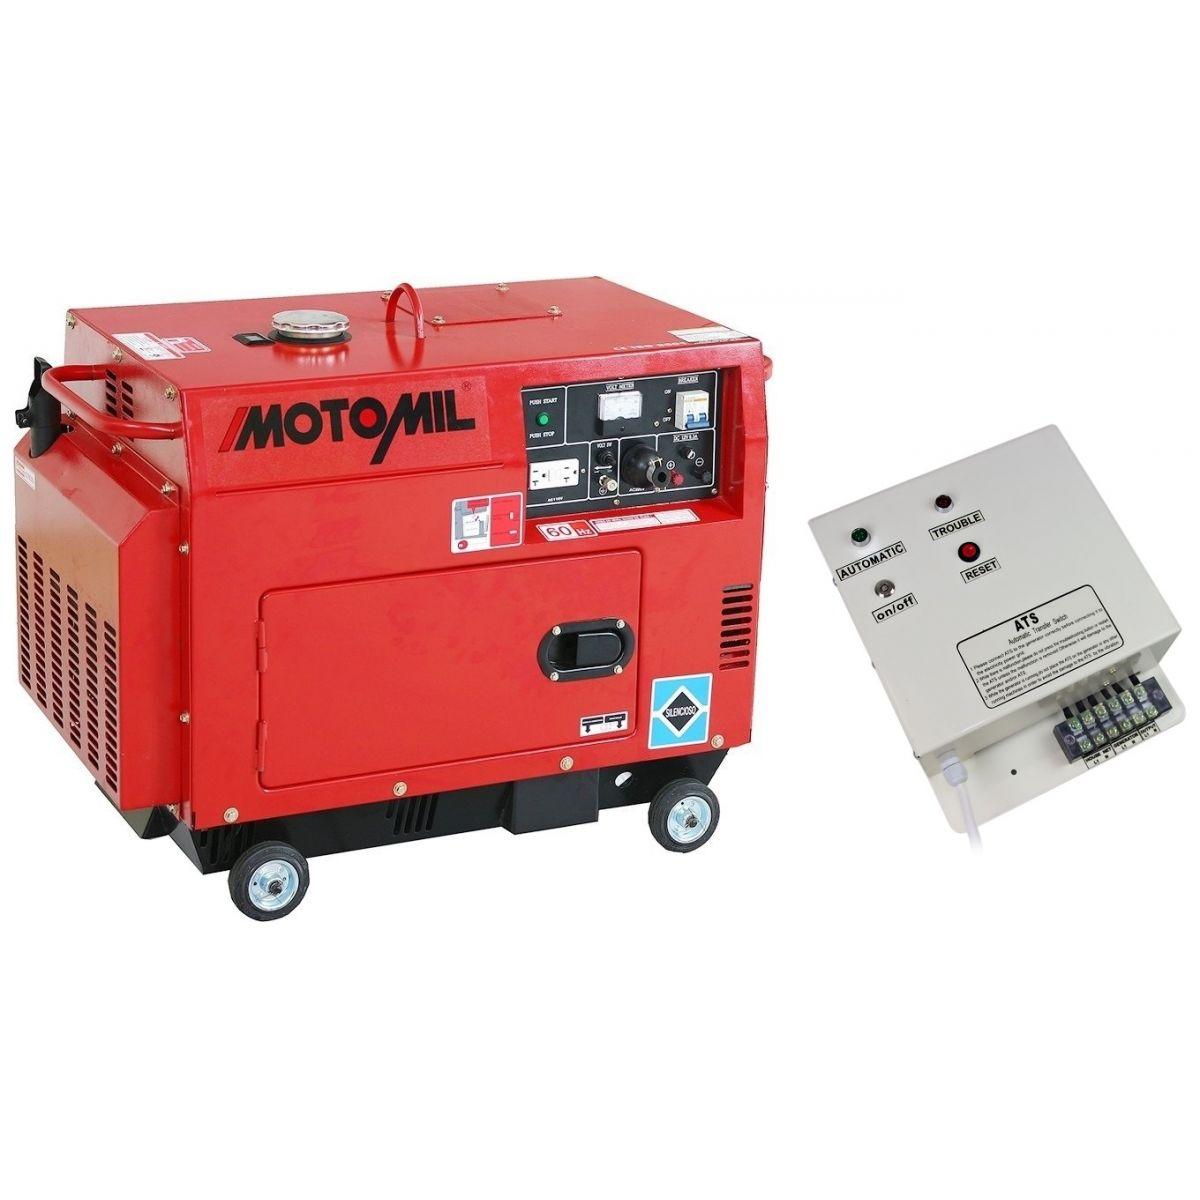 Gerador à Diesel Silenciado MDG-5000ATS 5Kva 127/220V Monofásico Motomil